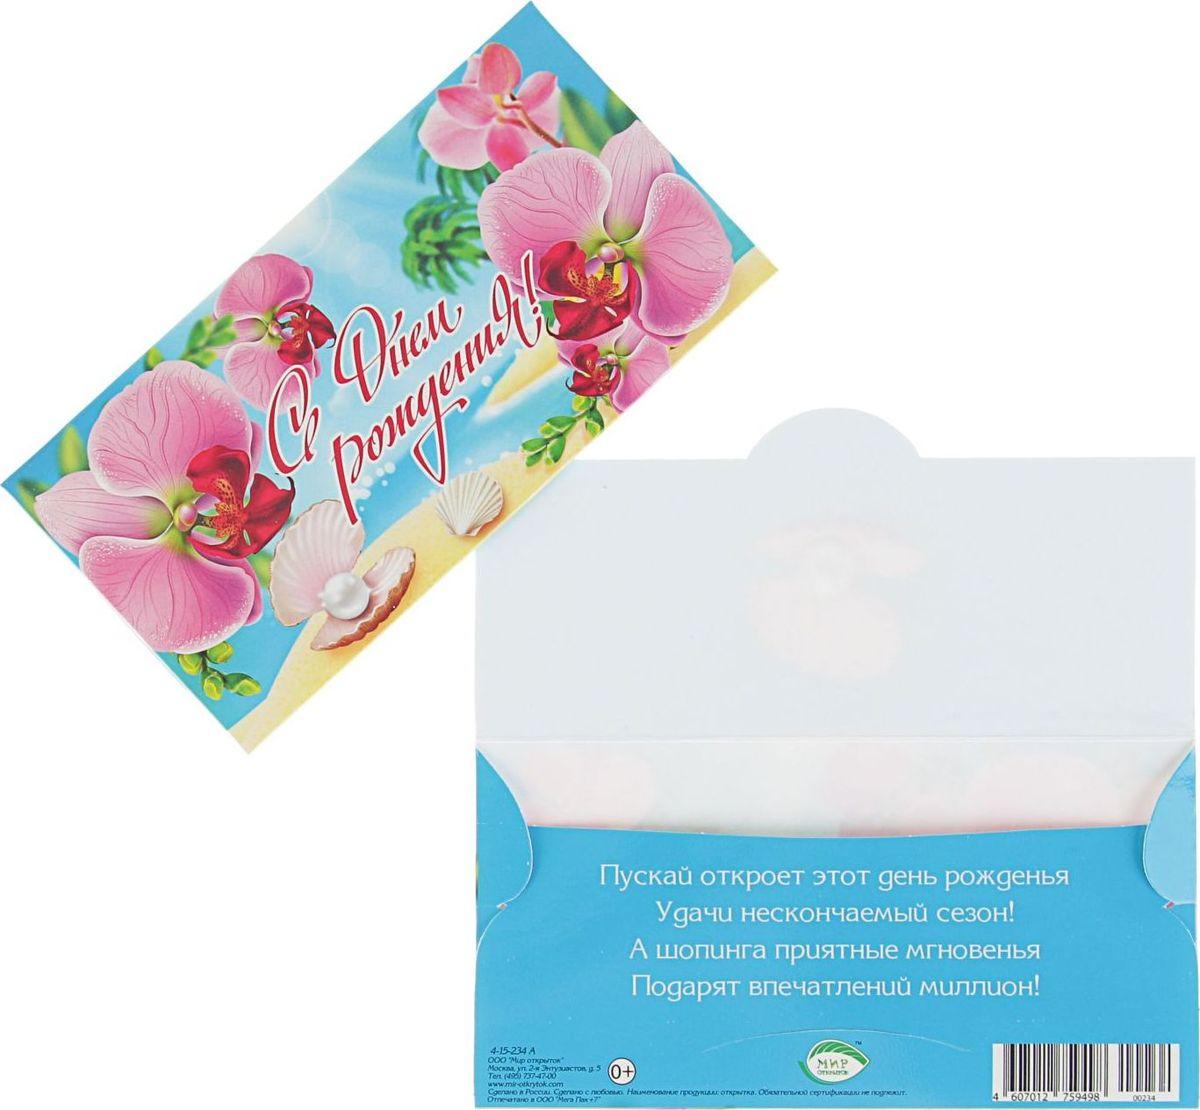 Конверт для денег Мир открыток С Днем Рождения! Розовые орхидеи, 16,4 х 8,4 см2539265Невозможно представить нашу жизнь без праздников! Мы всегда ждём их и предвкушаем, обдумываем, как проведём памятный день, тщательно выбираем подарки и аксессуары, ведь именно они создают и поддерживают торжественный настрой. Этот конверт - отличный выбор, который привнесёт атмосферу праздника в ваш дом!